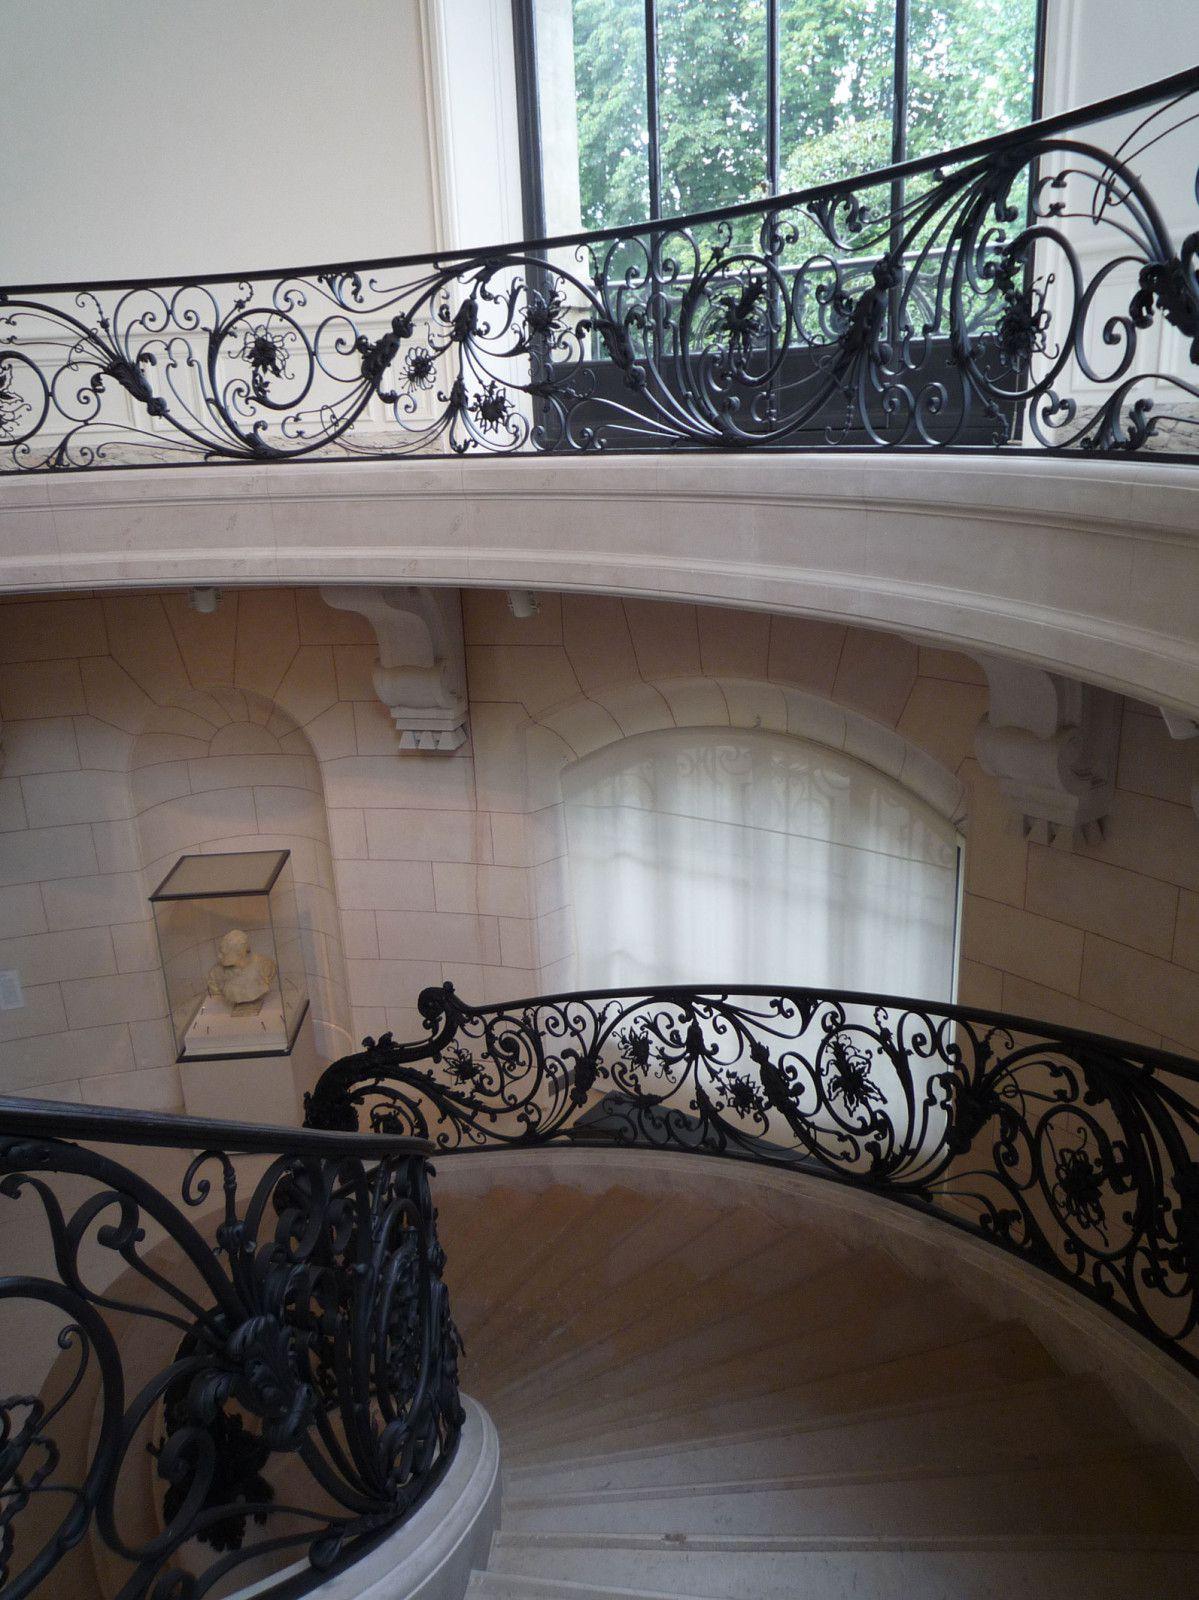 ferronnerie d art au petit palais de paris shigep kin. Black Bedroom Furniture Sets. Home Design Ideas